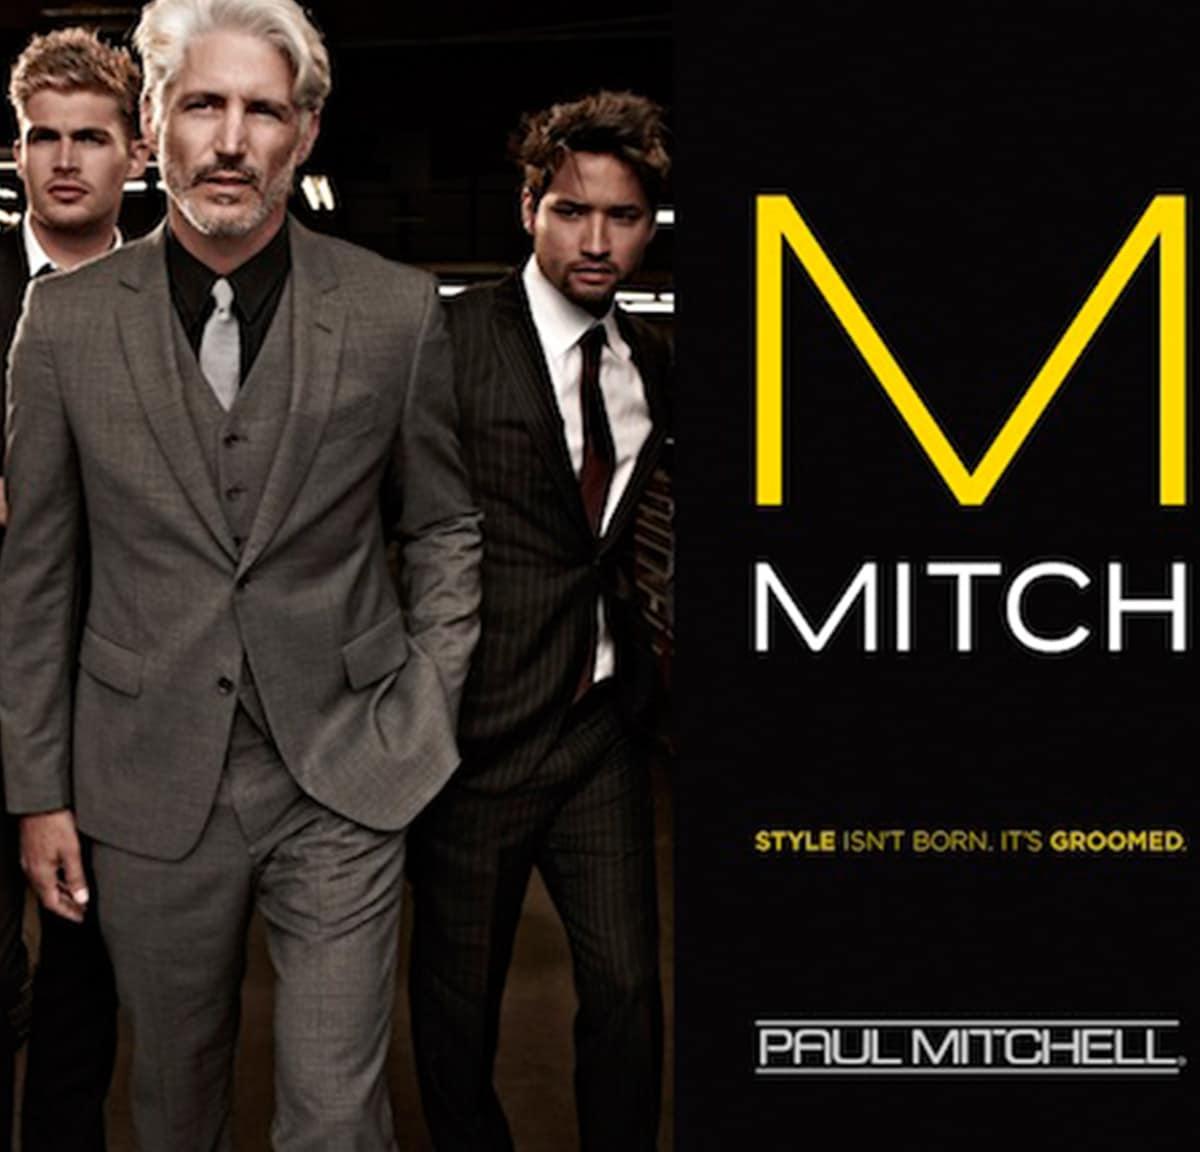 Mitch Paul Mitchell Splush Online